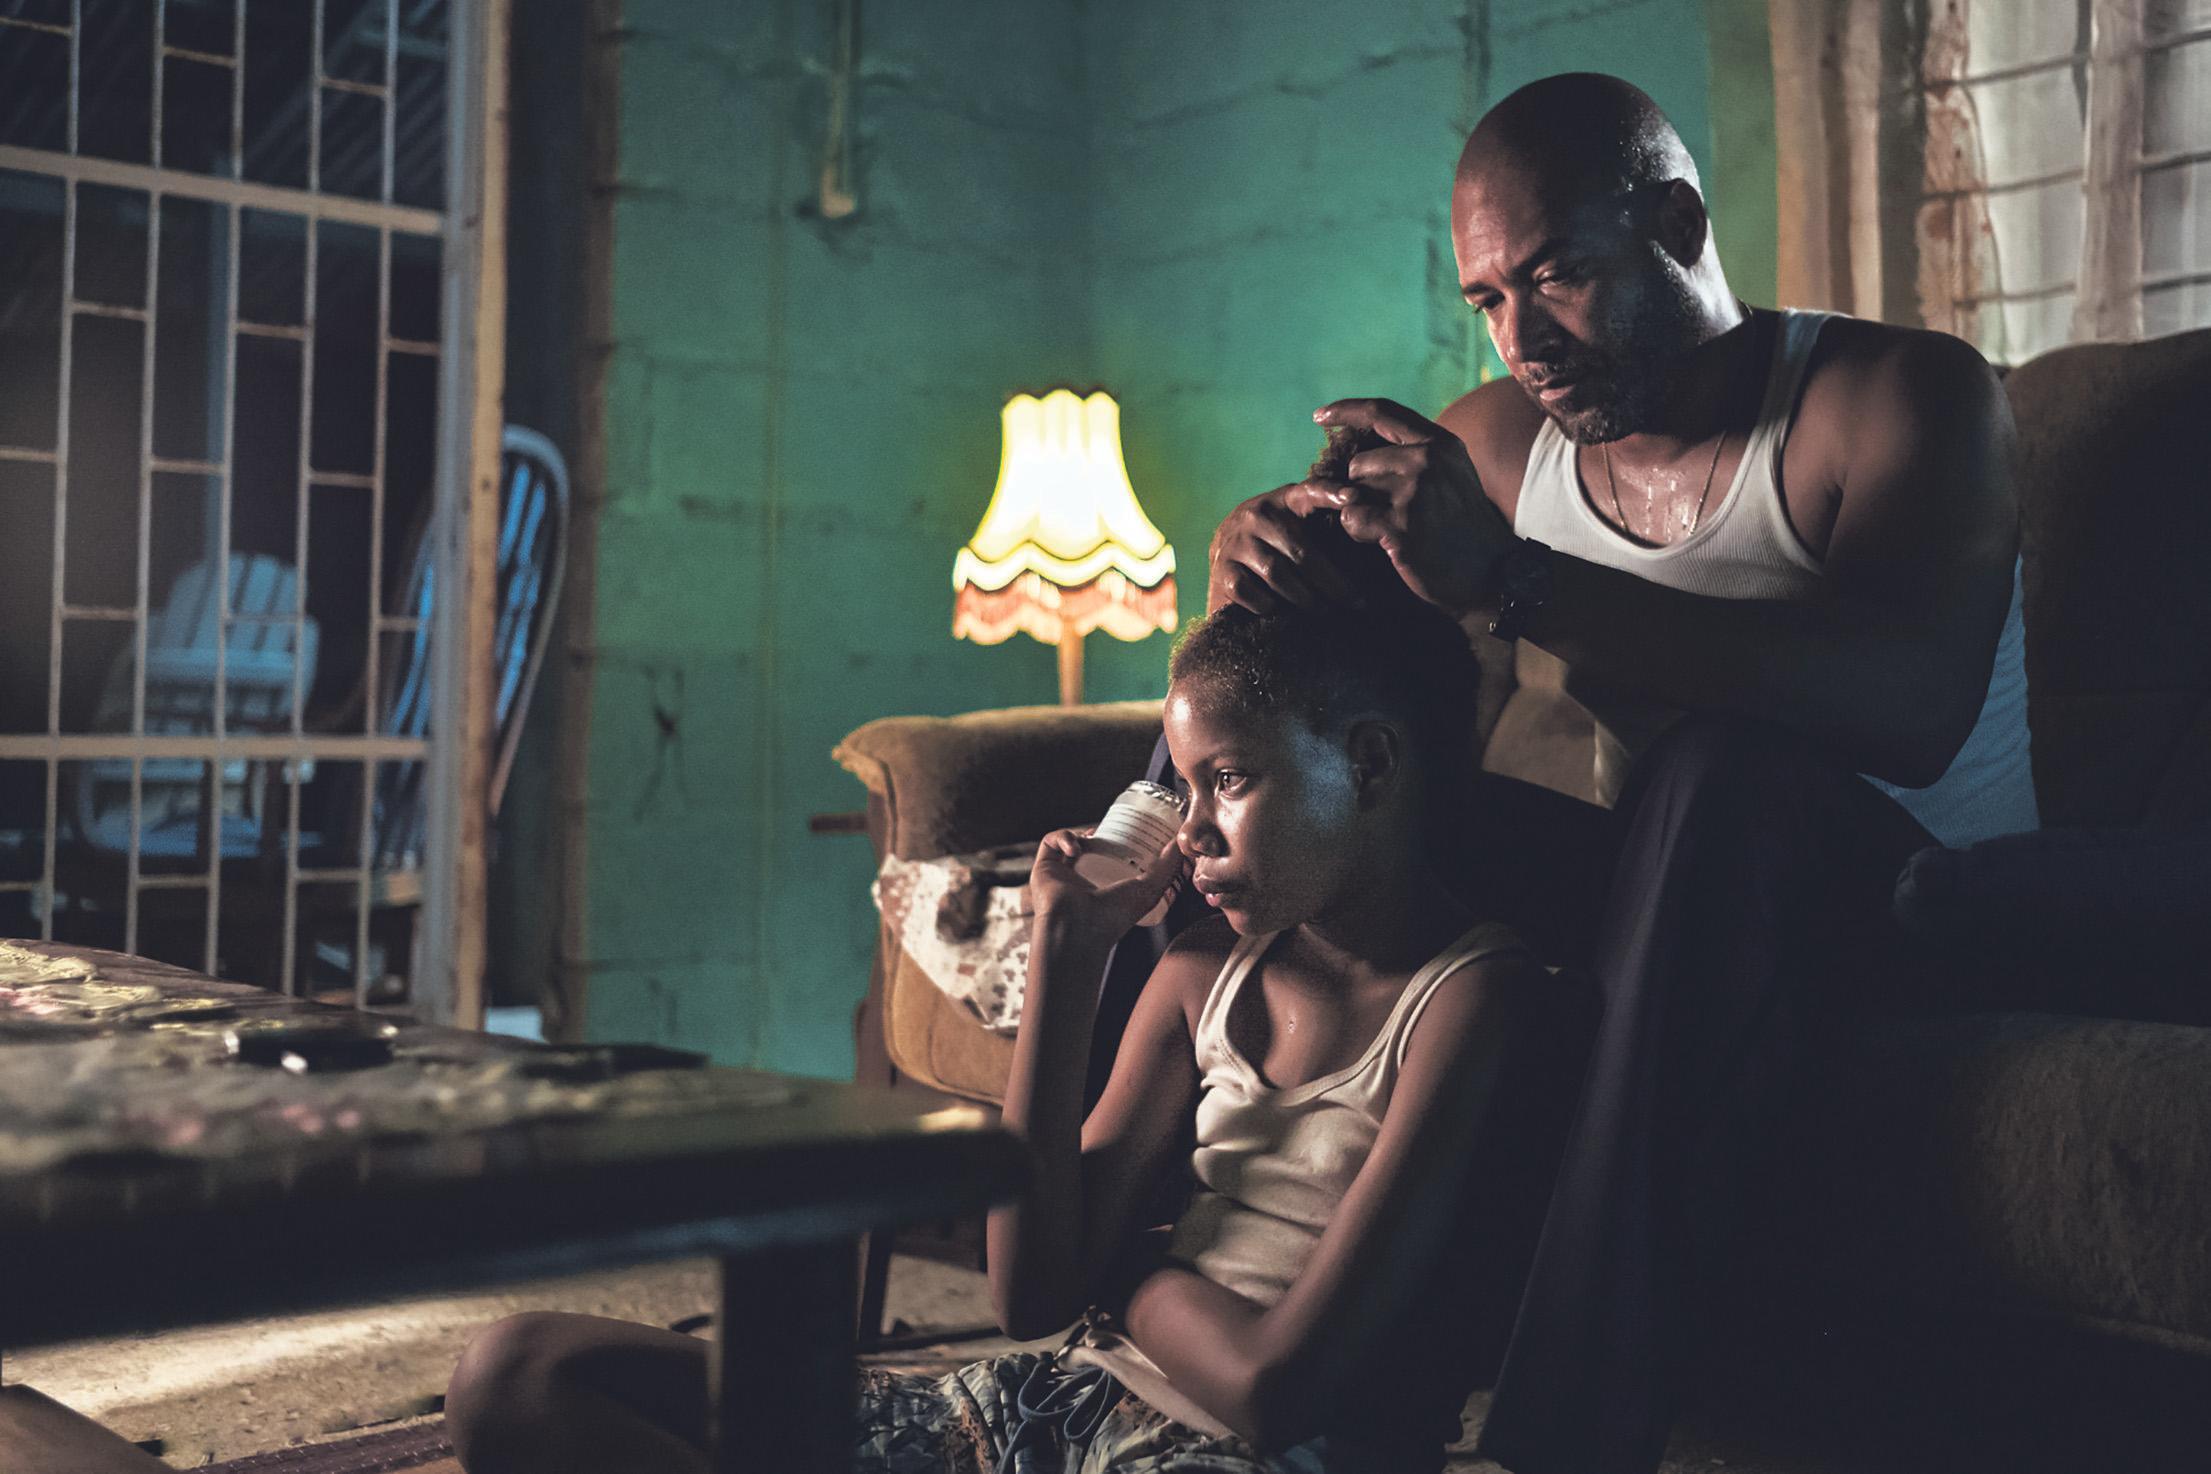 Filminterview met regisseur van 'Buladó':'Dit gaat over verlangen naar vrijheid'